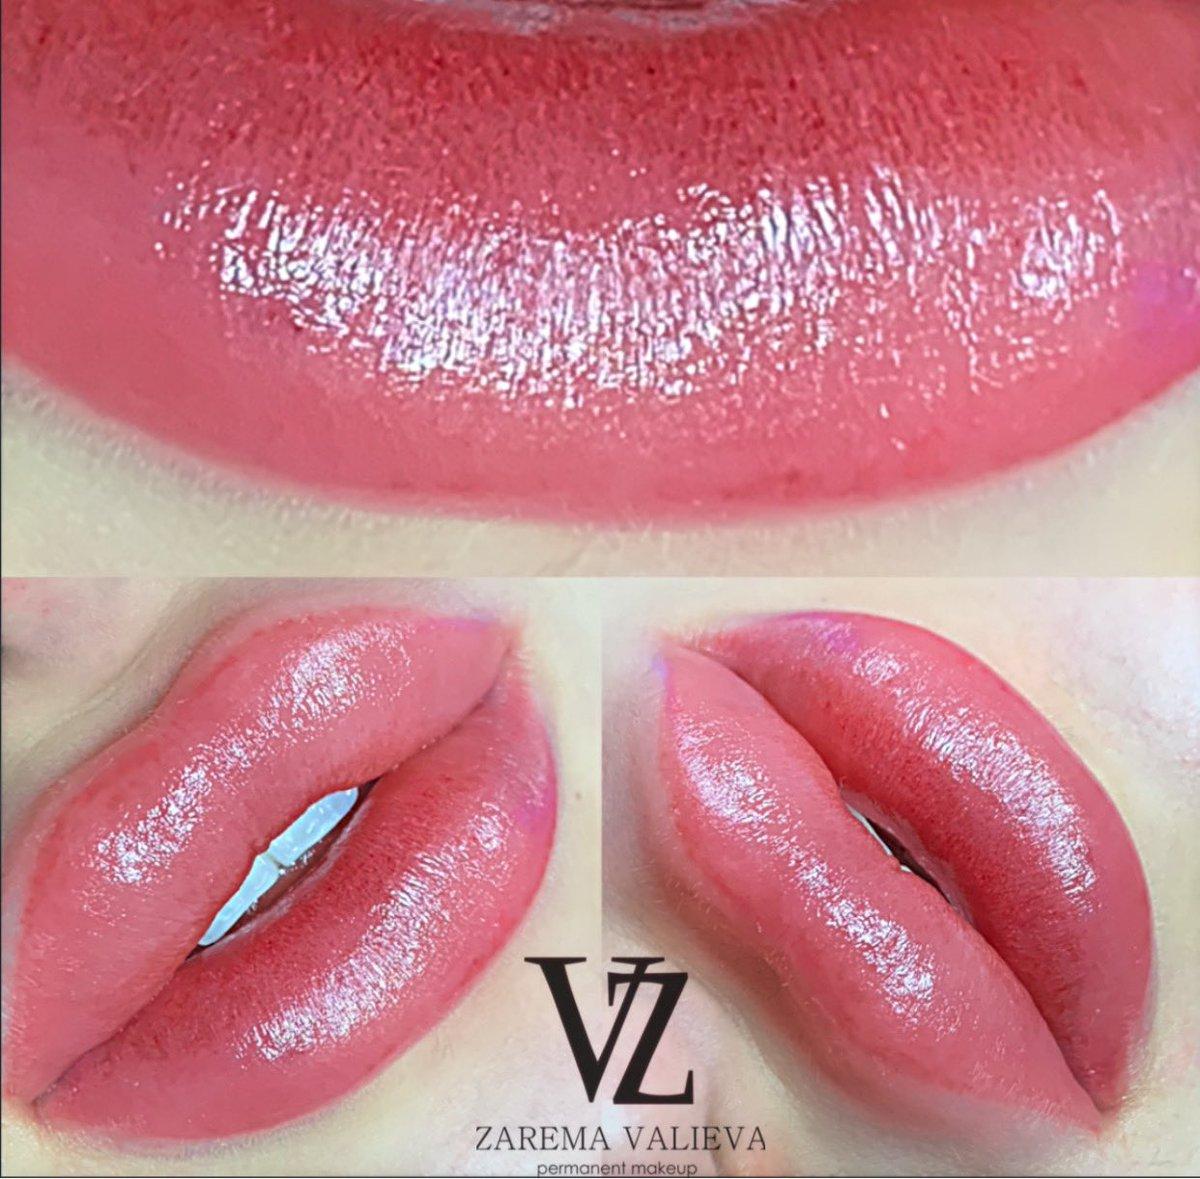 Перманентный макияж губ сразу после процедуры ! @brows_design_zara   Запись в Директе в инстограмм !  Акварельная бесконтрольная Техника. #заремавалиева #пмгуб #татуажгубмосква #татуажгубмахачкалаpic.twitter.com/sZCsm44OTk